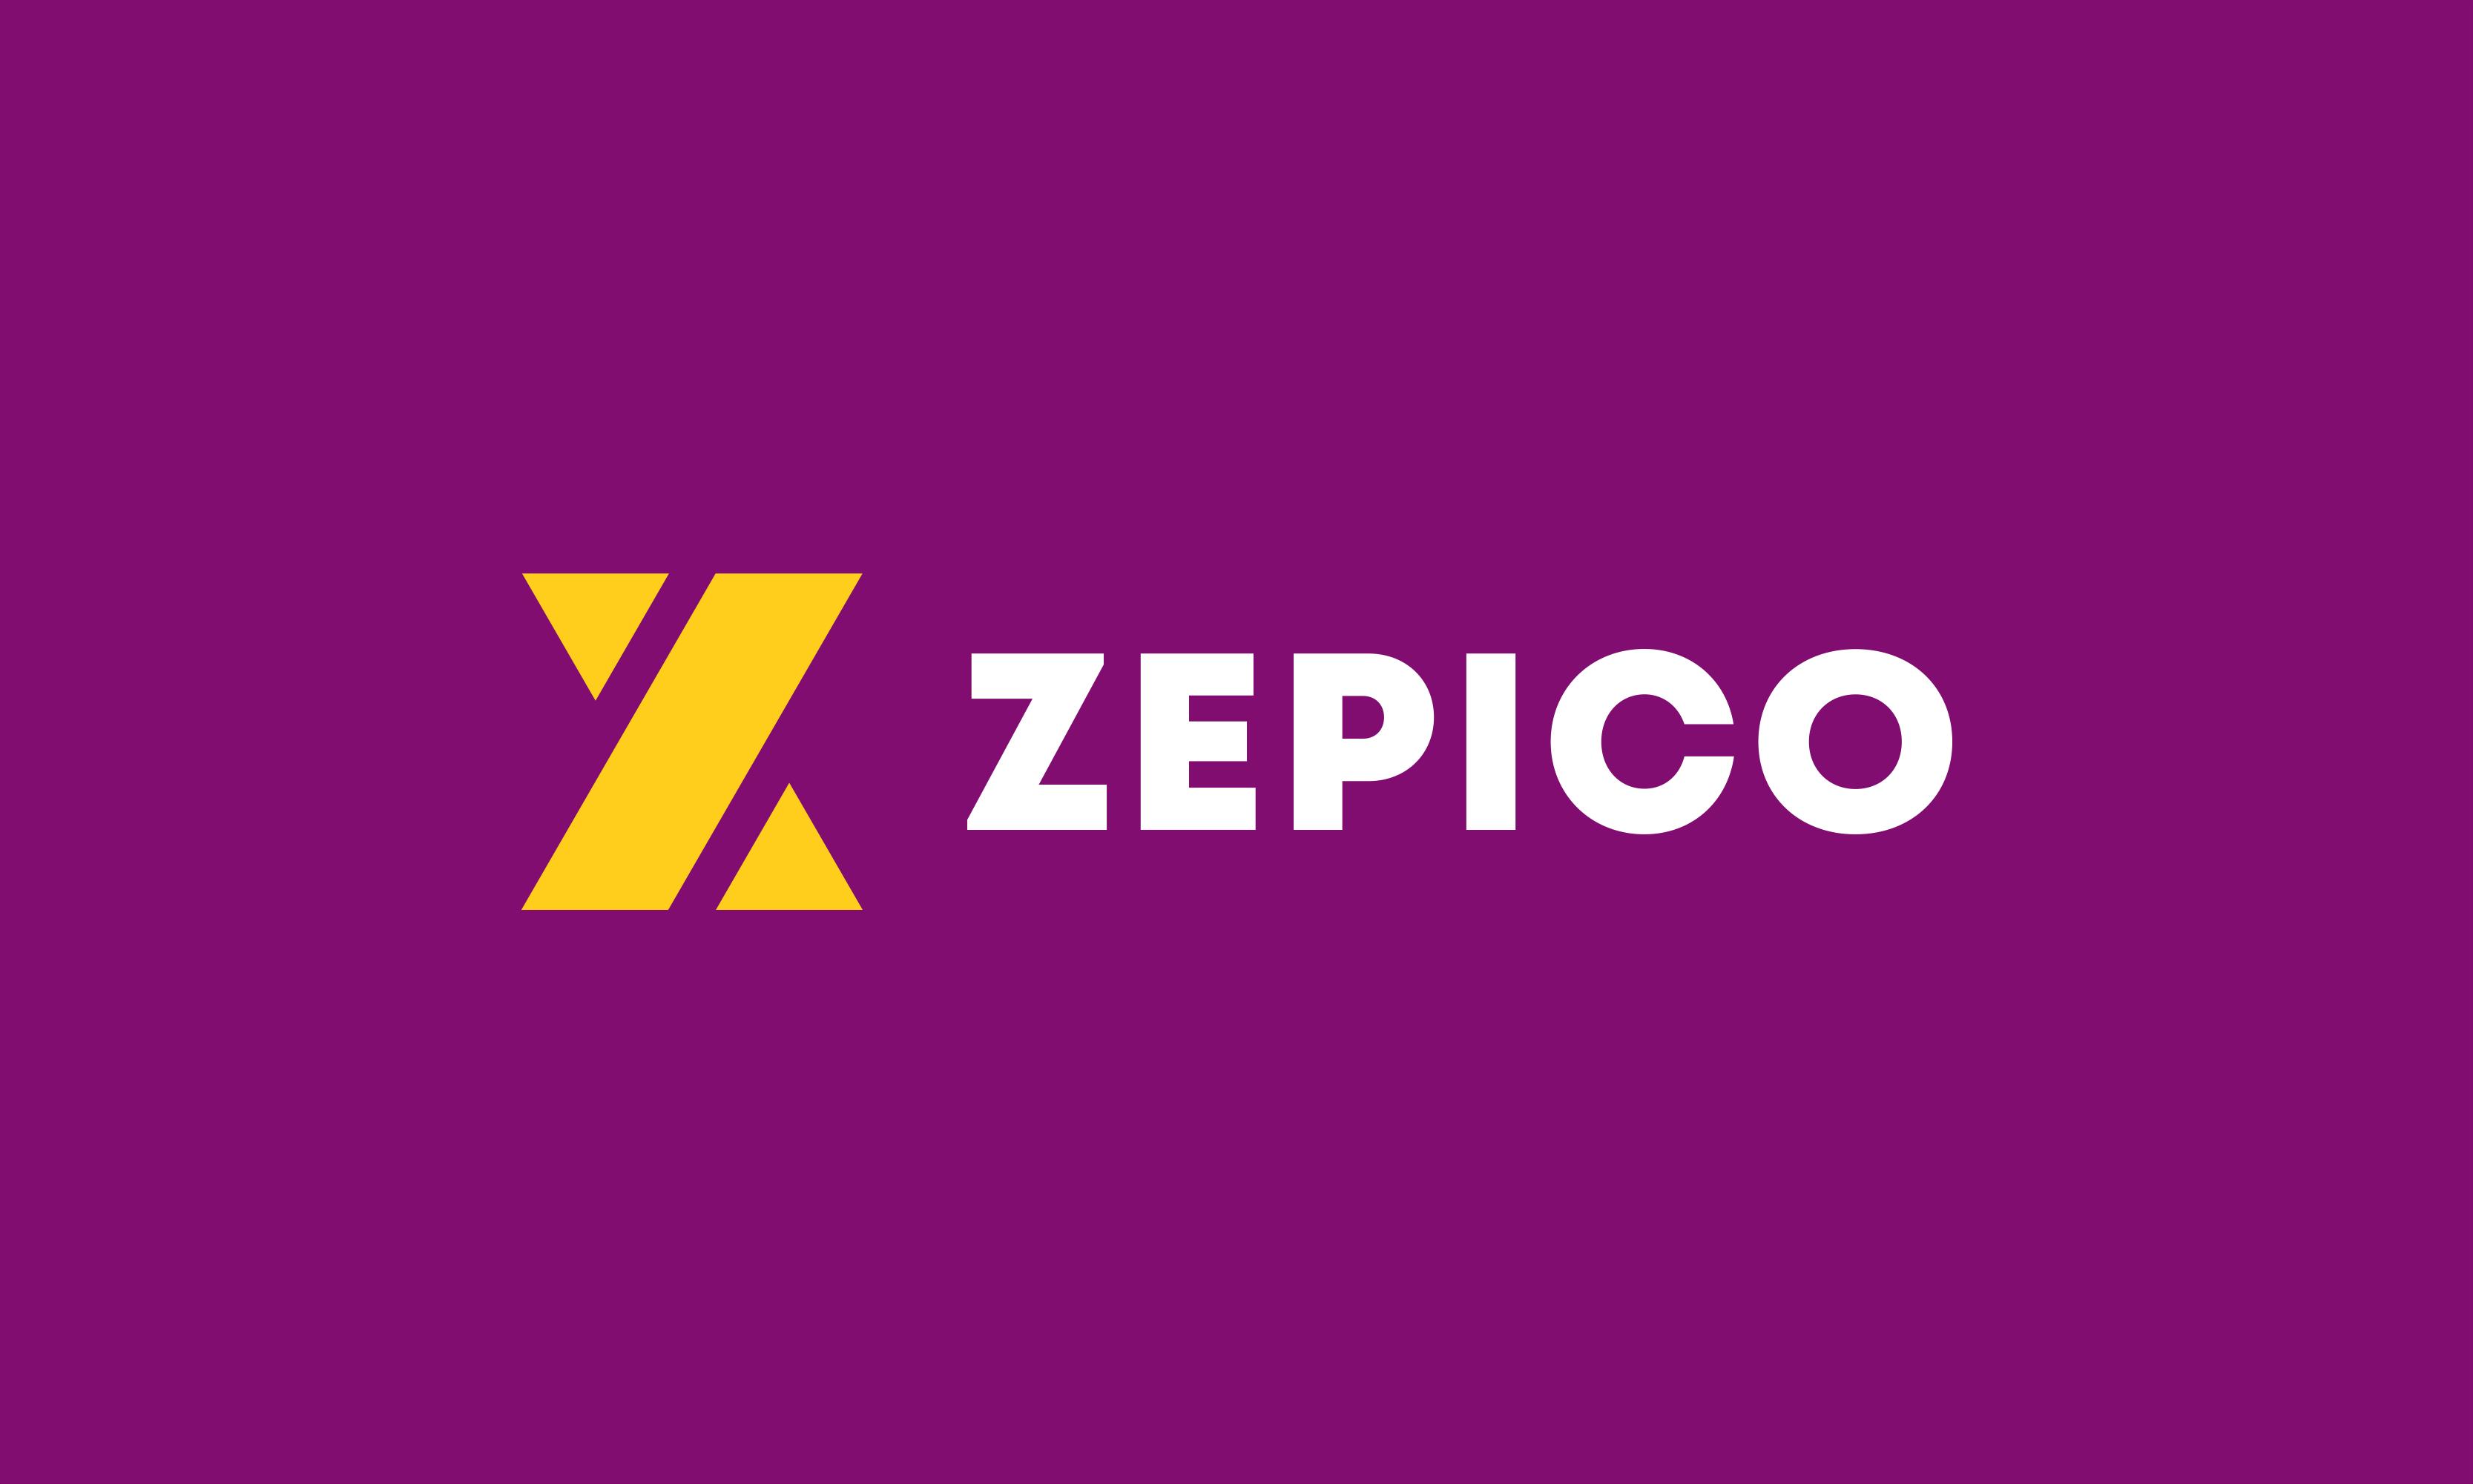 Zepico